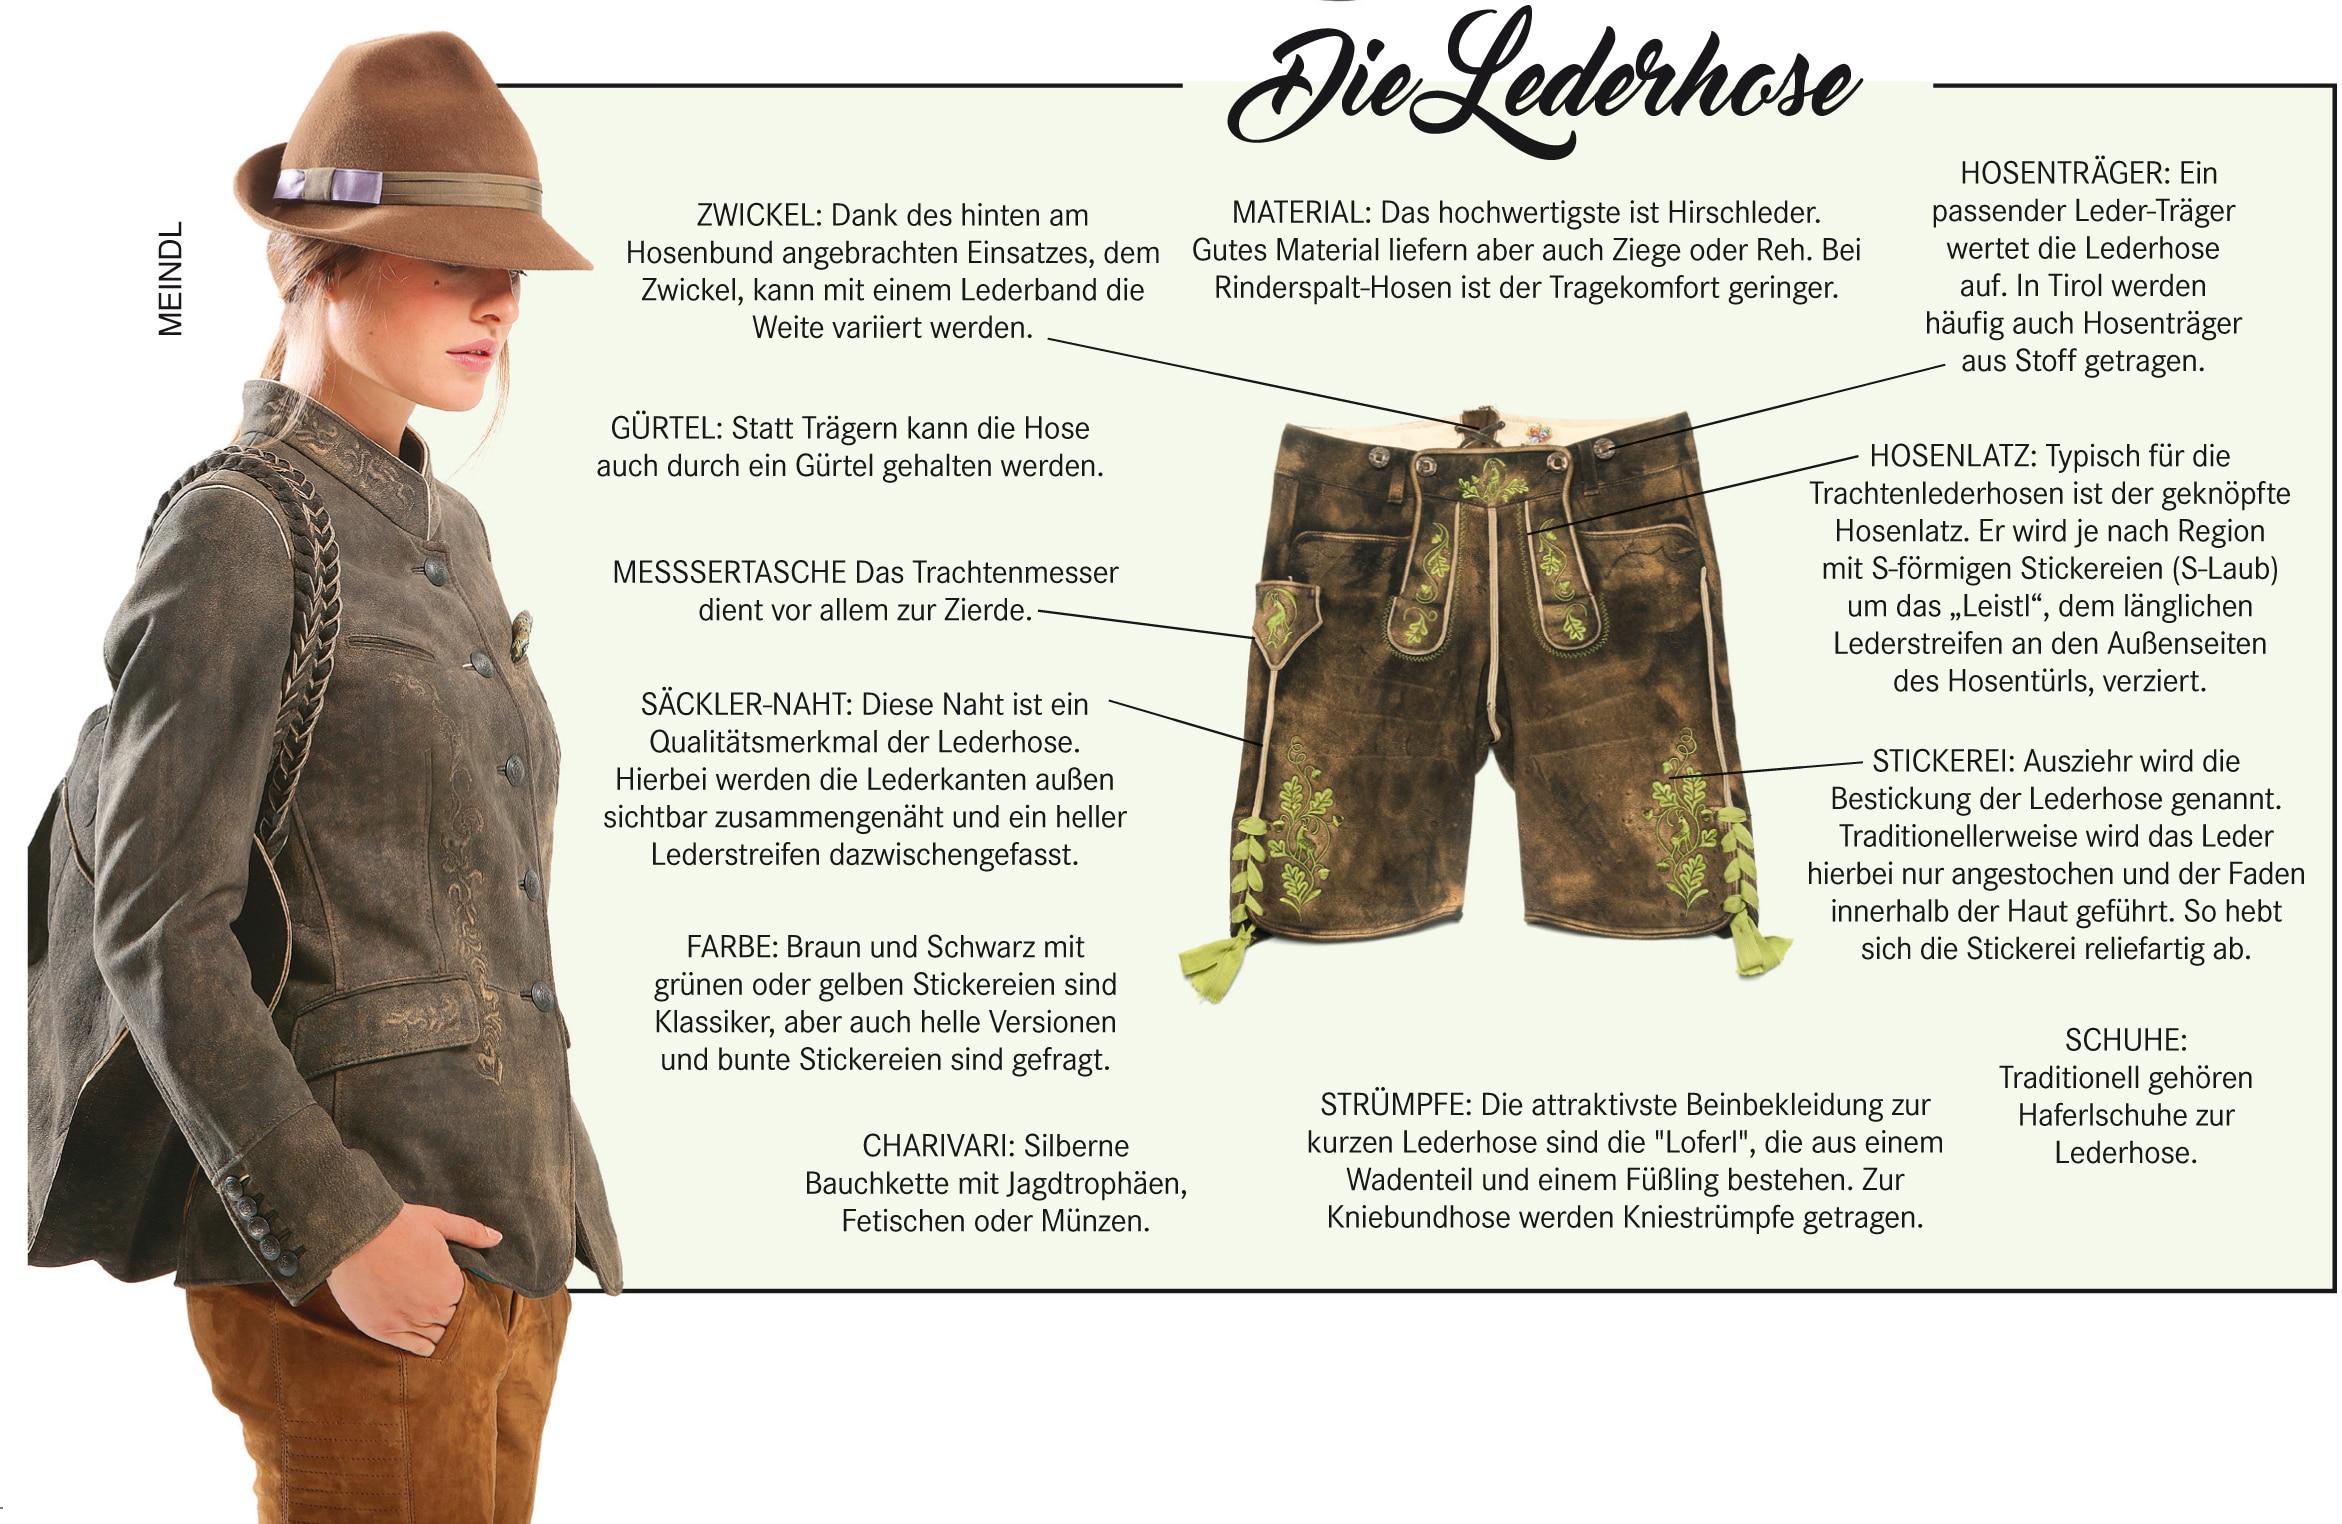 Bestandteile der Lederhose